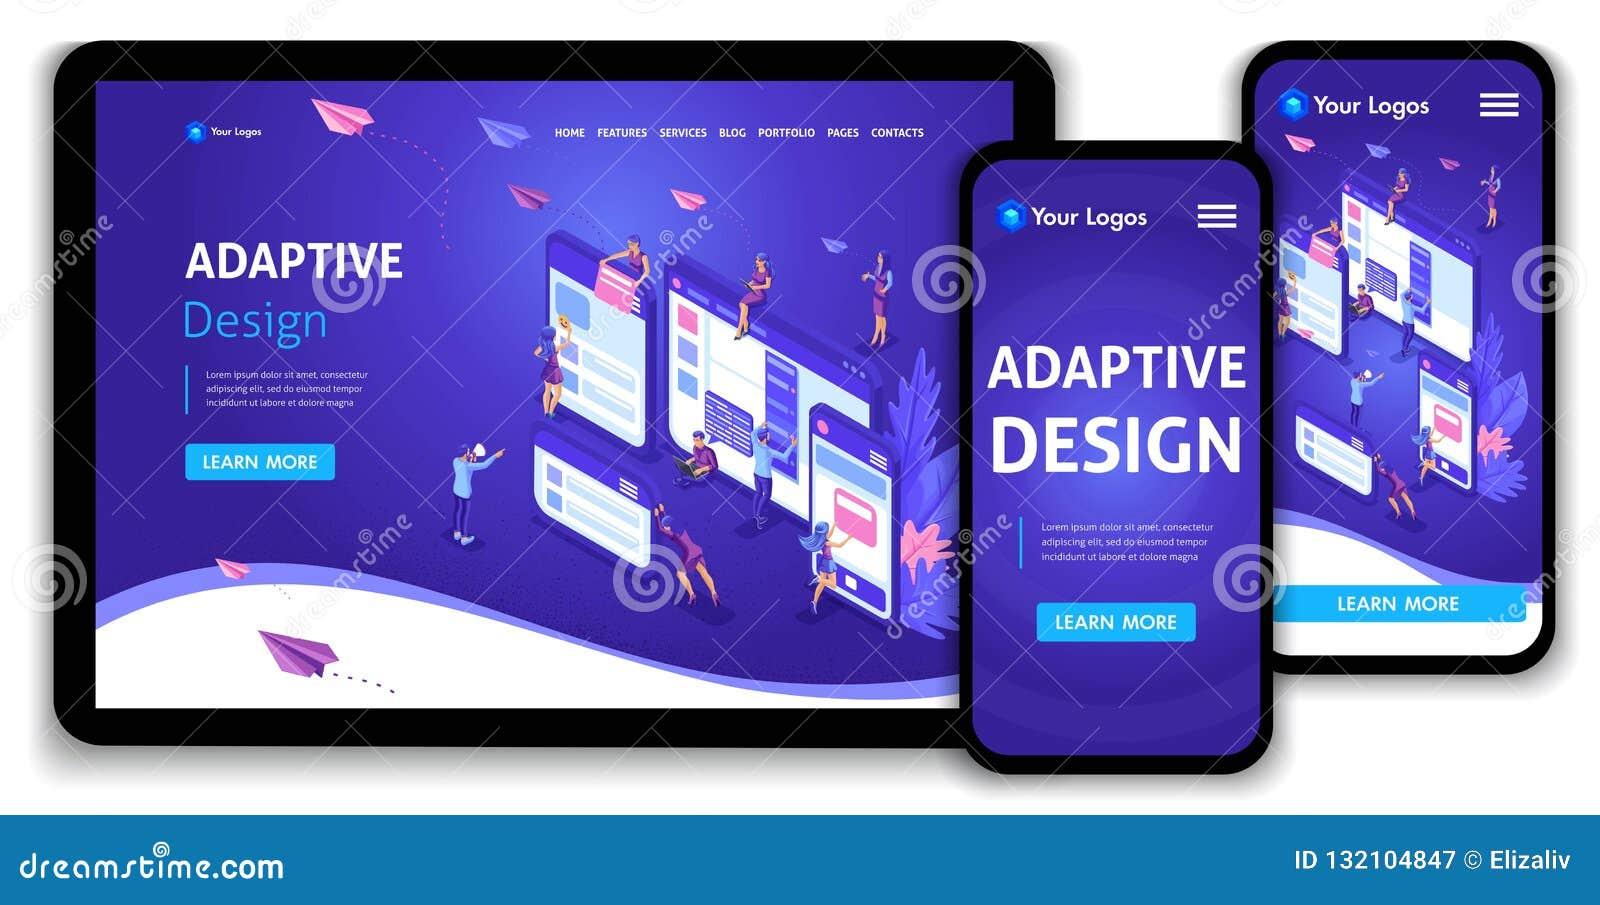 Het Isometrische concept van het malplaatjelandingspagina webpaginaontwerp en ontwikkeling van mobiele websites, aanpassingsontwe